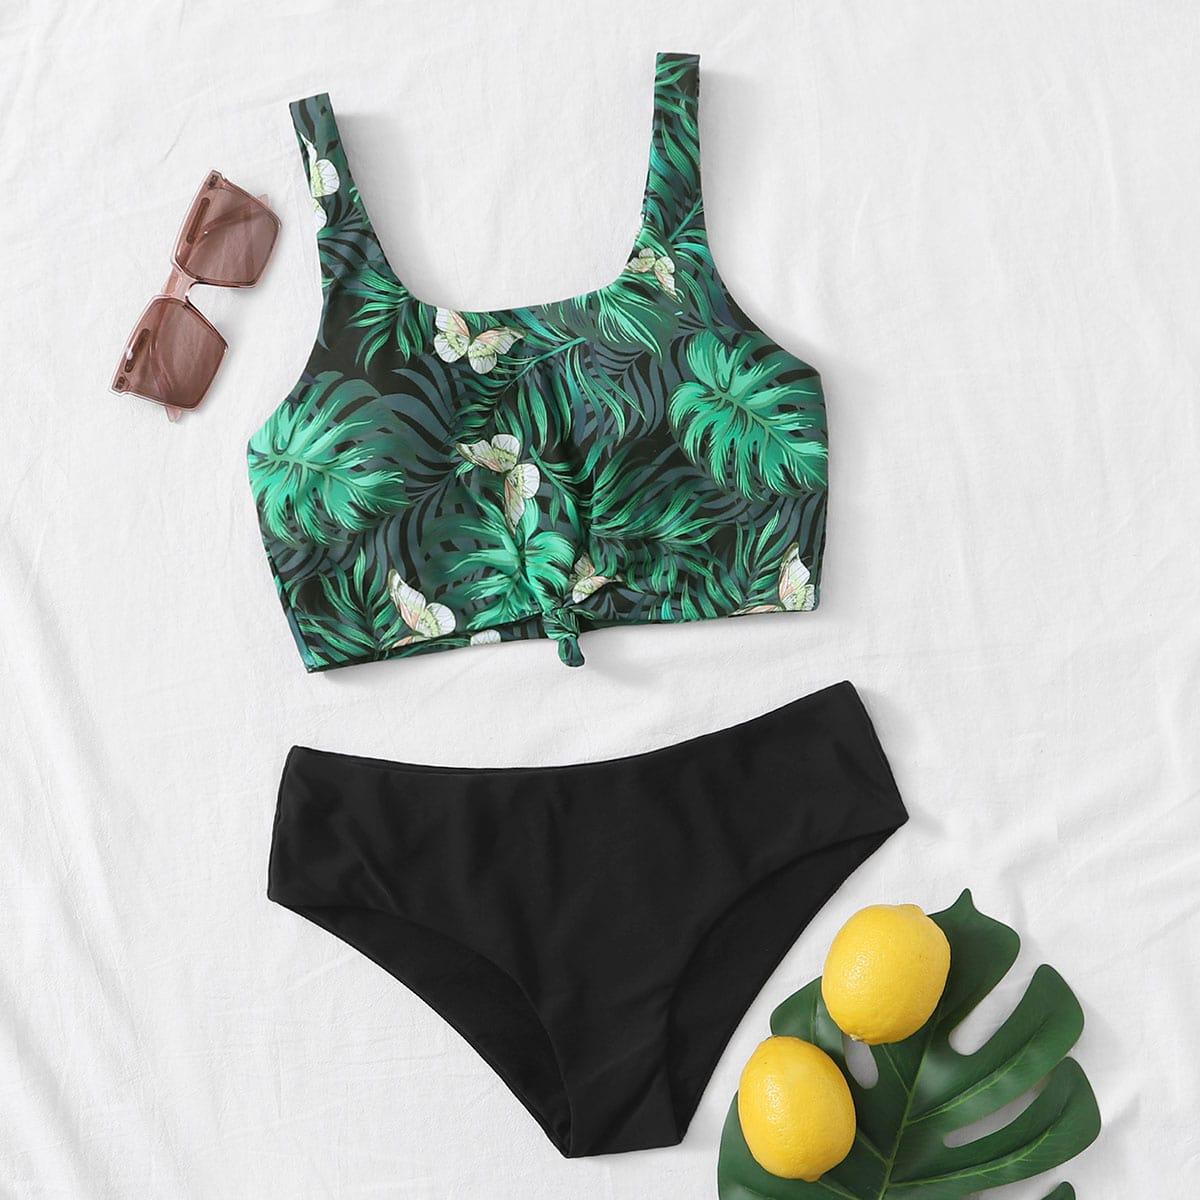 SHEIN / Bikini Badeanzug mit tropischem Muster und Knoten vorn